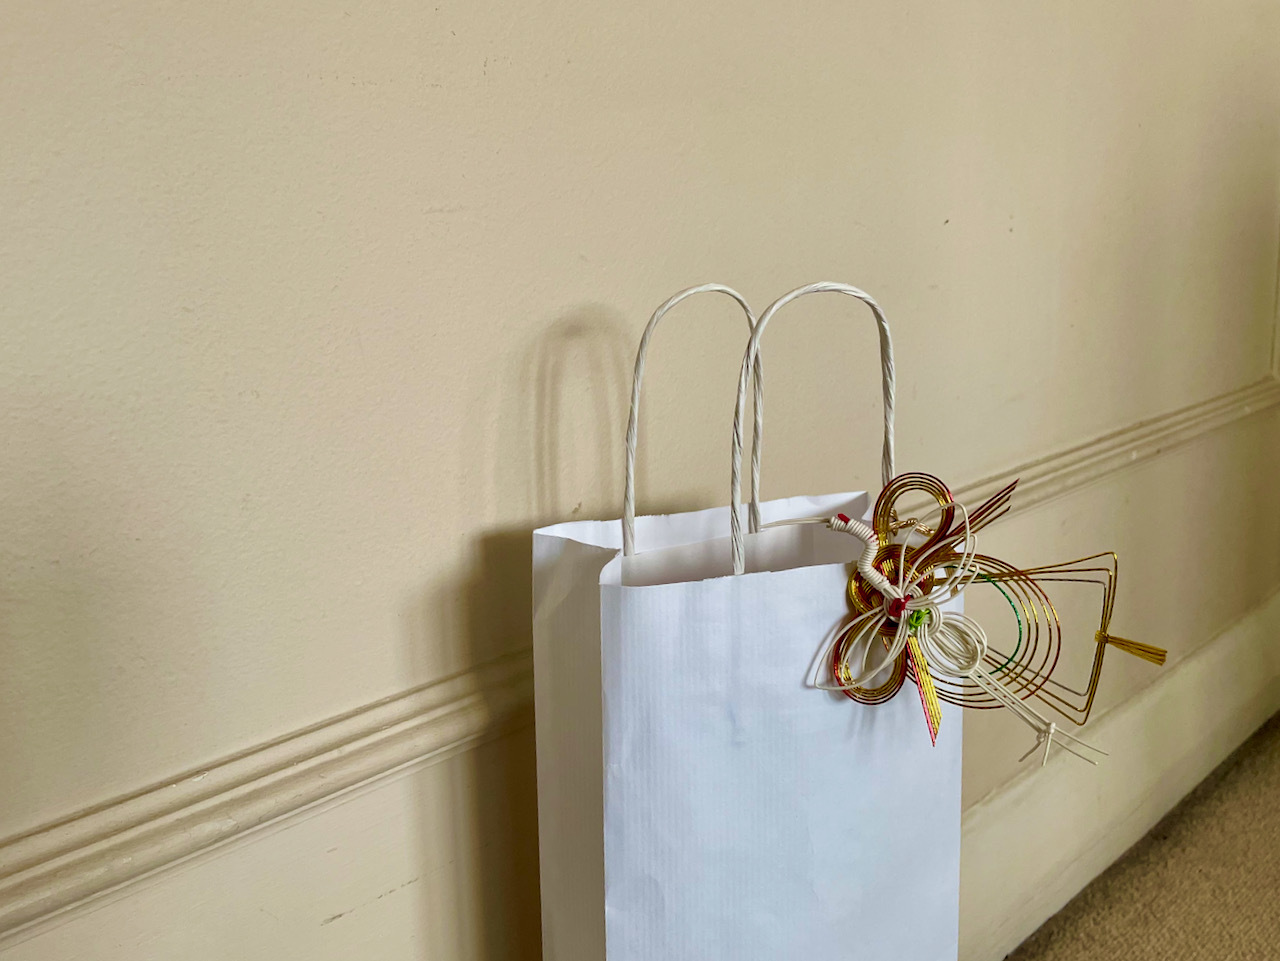 ロンドンのジャパンハウスで誕生日プレゼントを買う_e0114020_01045180.jpeg